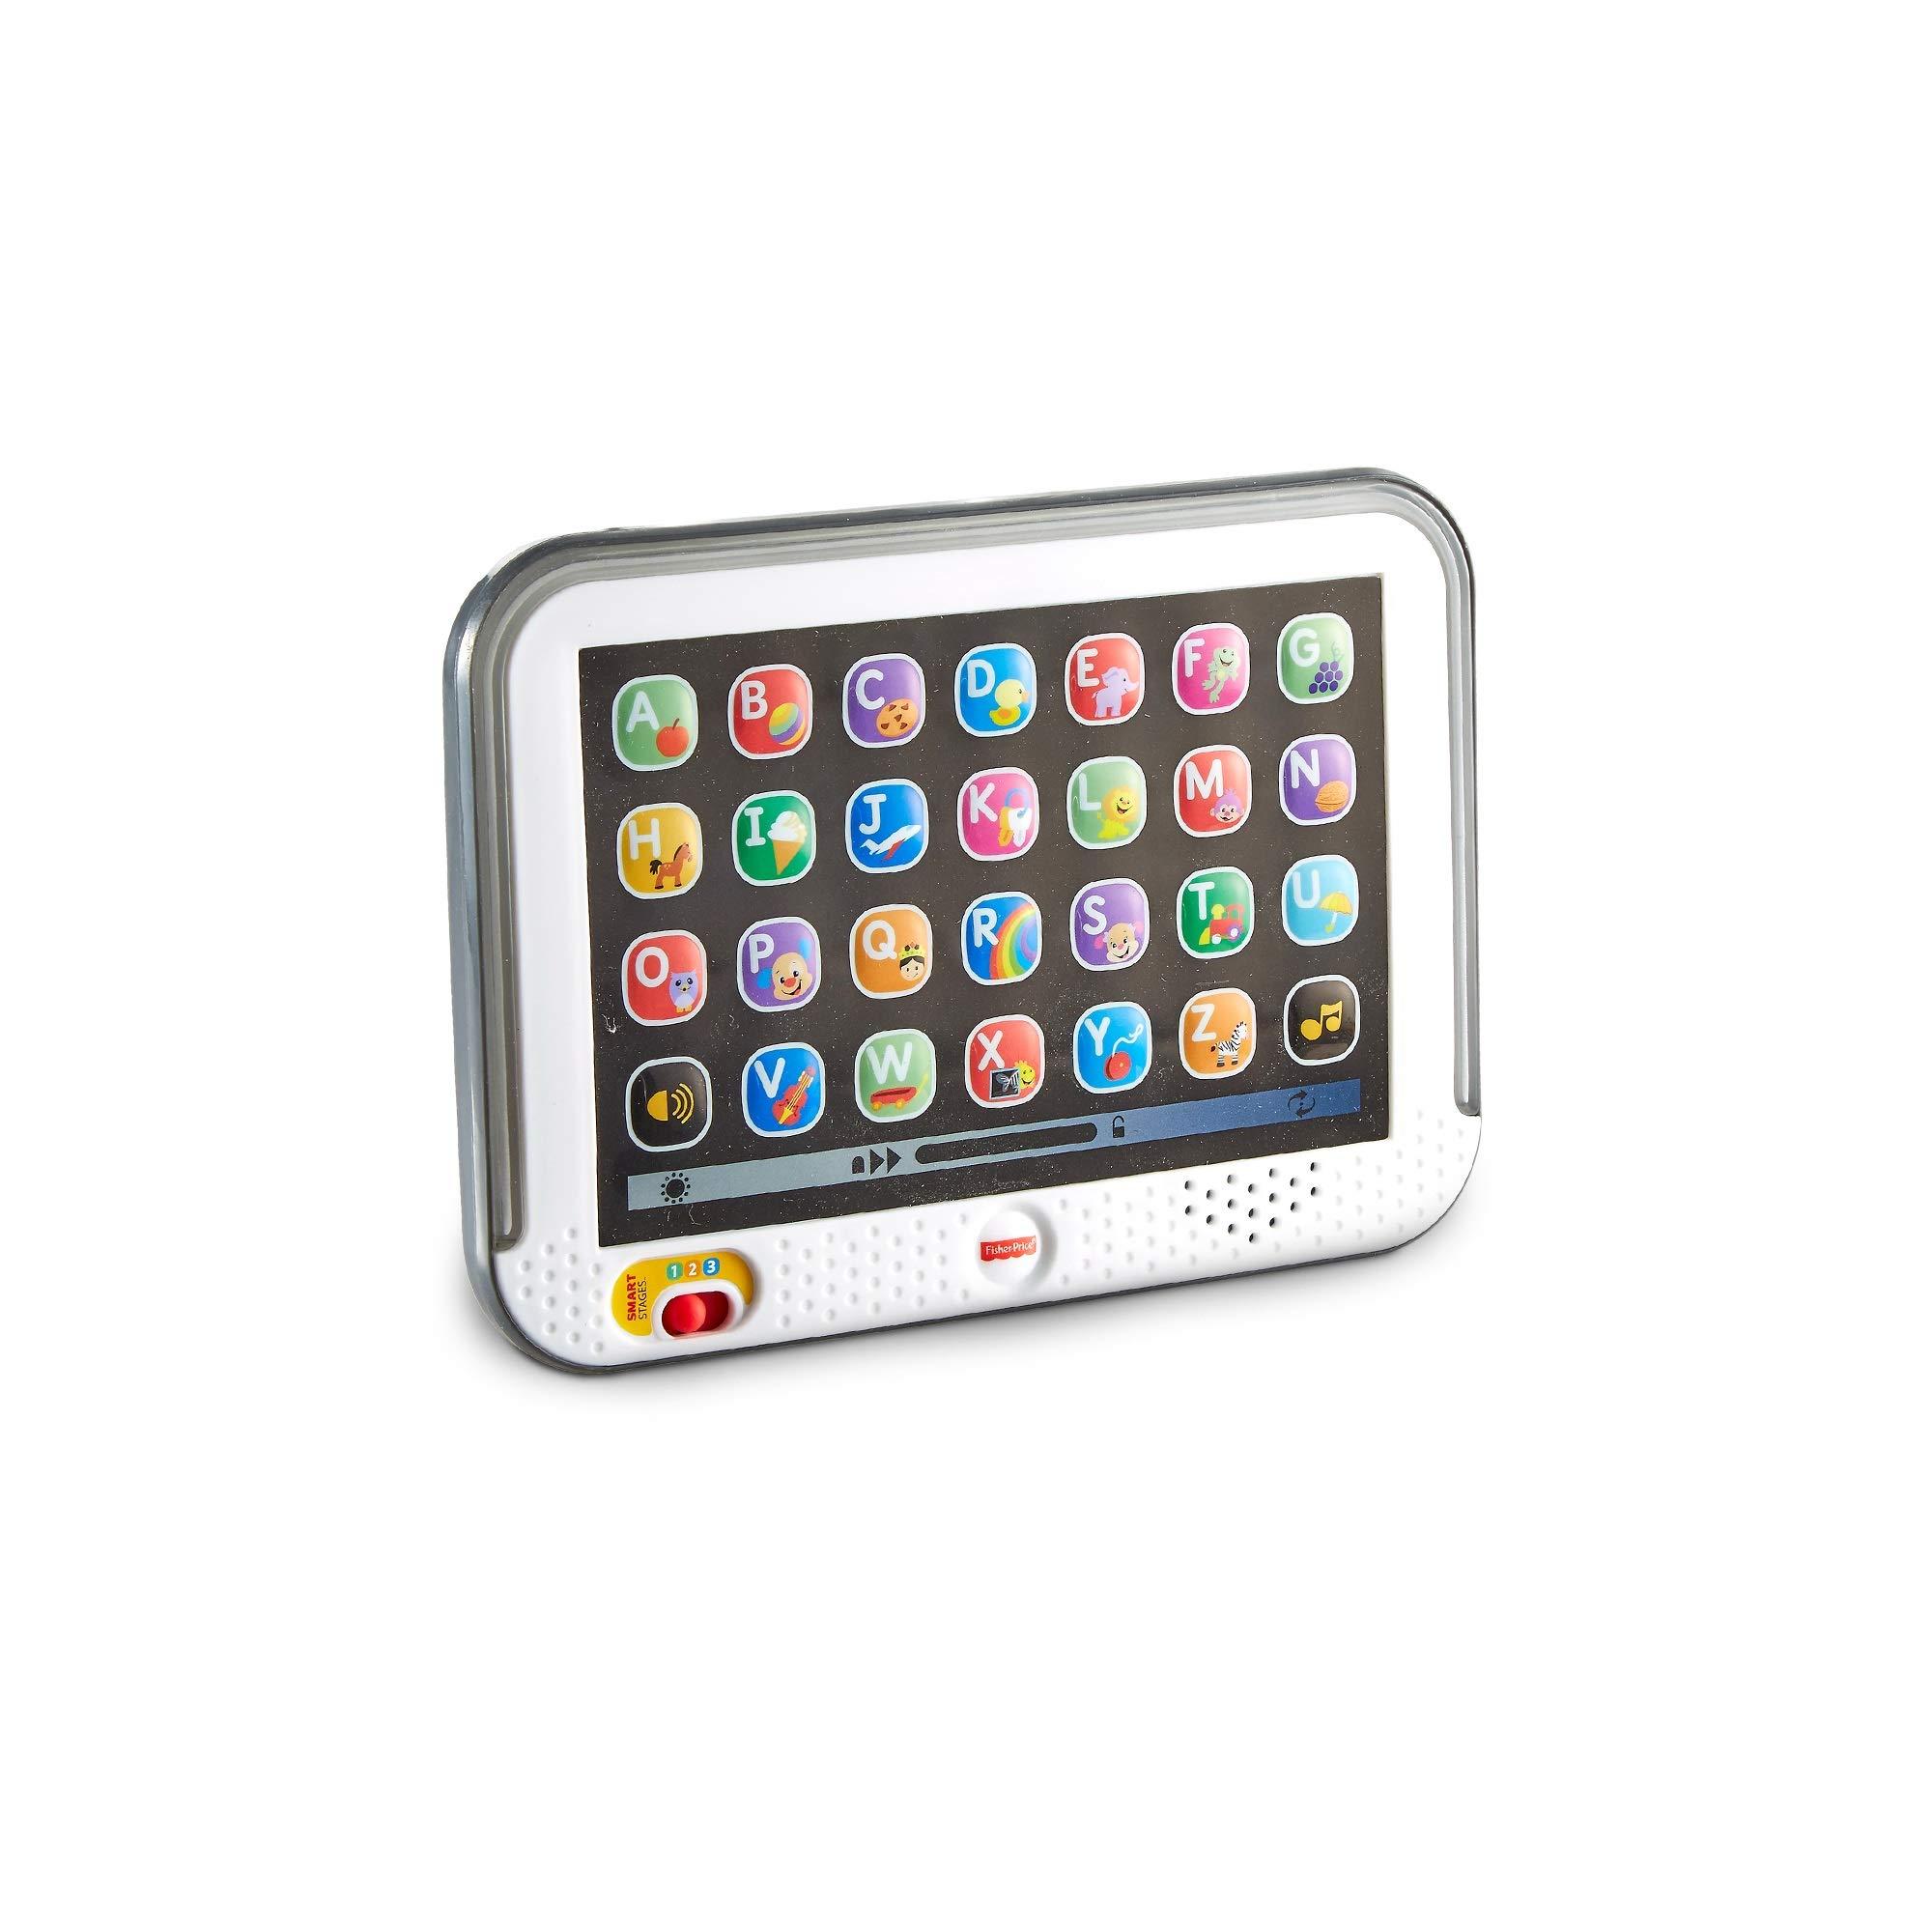 Fisher-Price Mi primera tablet, juguete electrónico bebé +1 año (Mattel CDG61